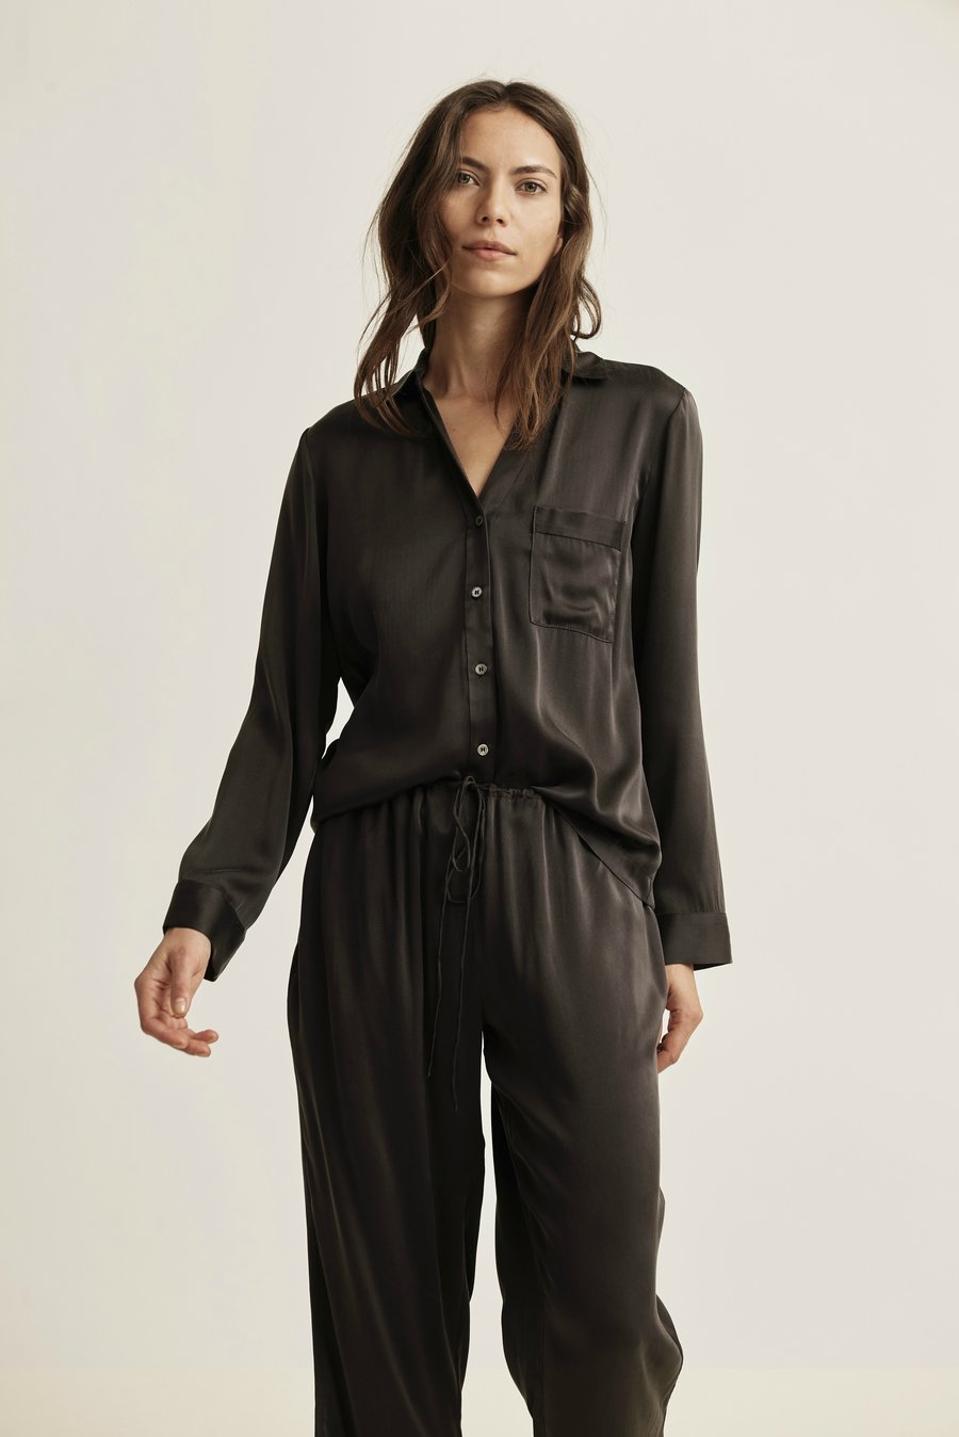 Black Silk Teresa Pajama Top by Skin